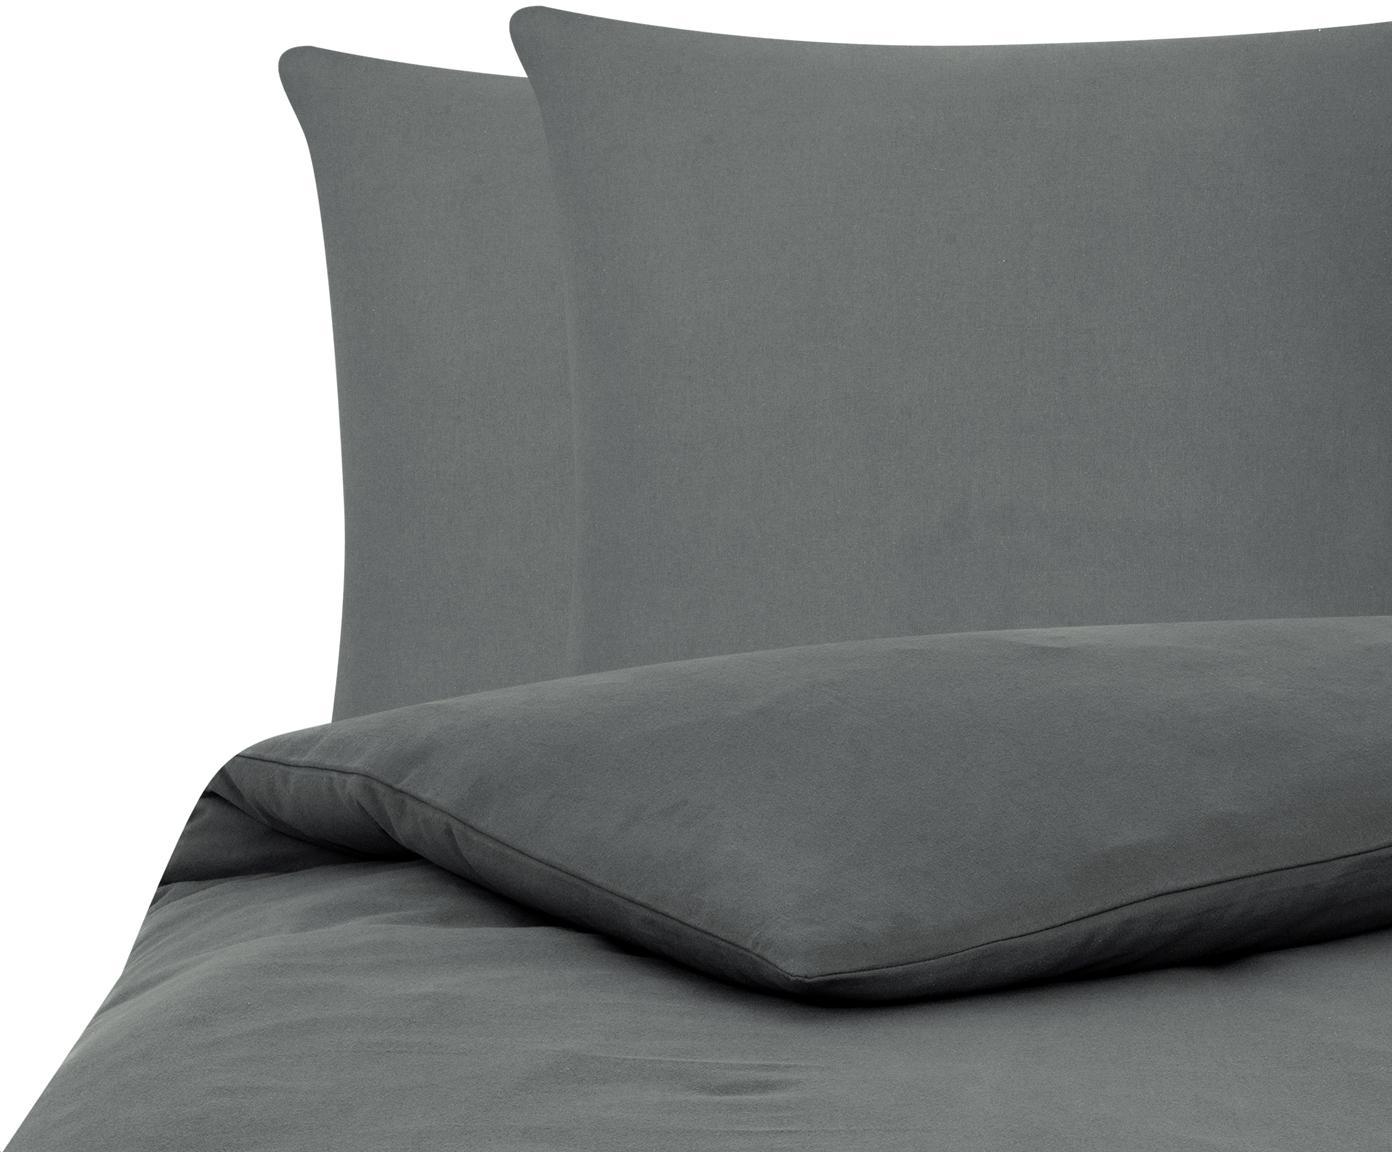 Flanell-Bettwäsche Biba in Dunkelgrau, Webart: Flanell Flanell ist ein s, Dunkelgrau, 200 x 200 cm + 2 Kissen 80 x 80 cm